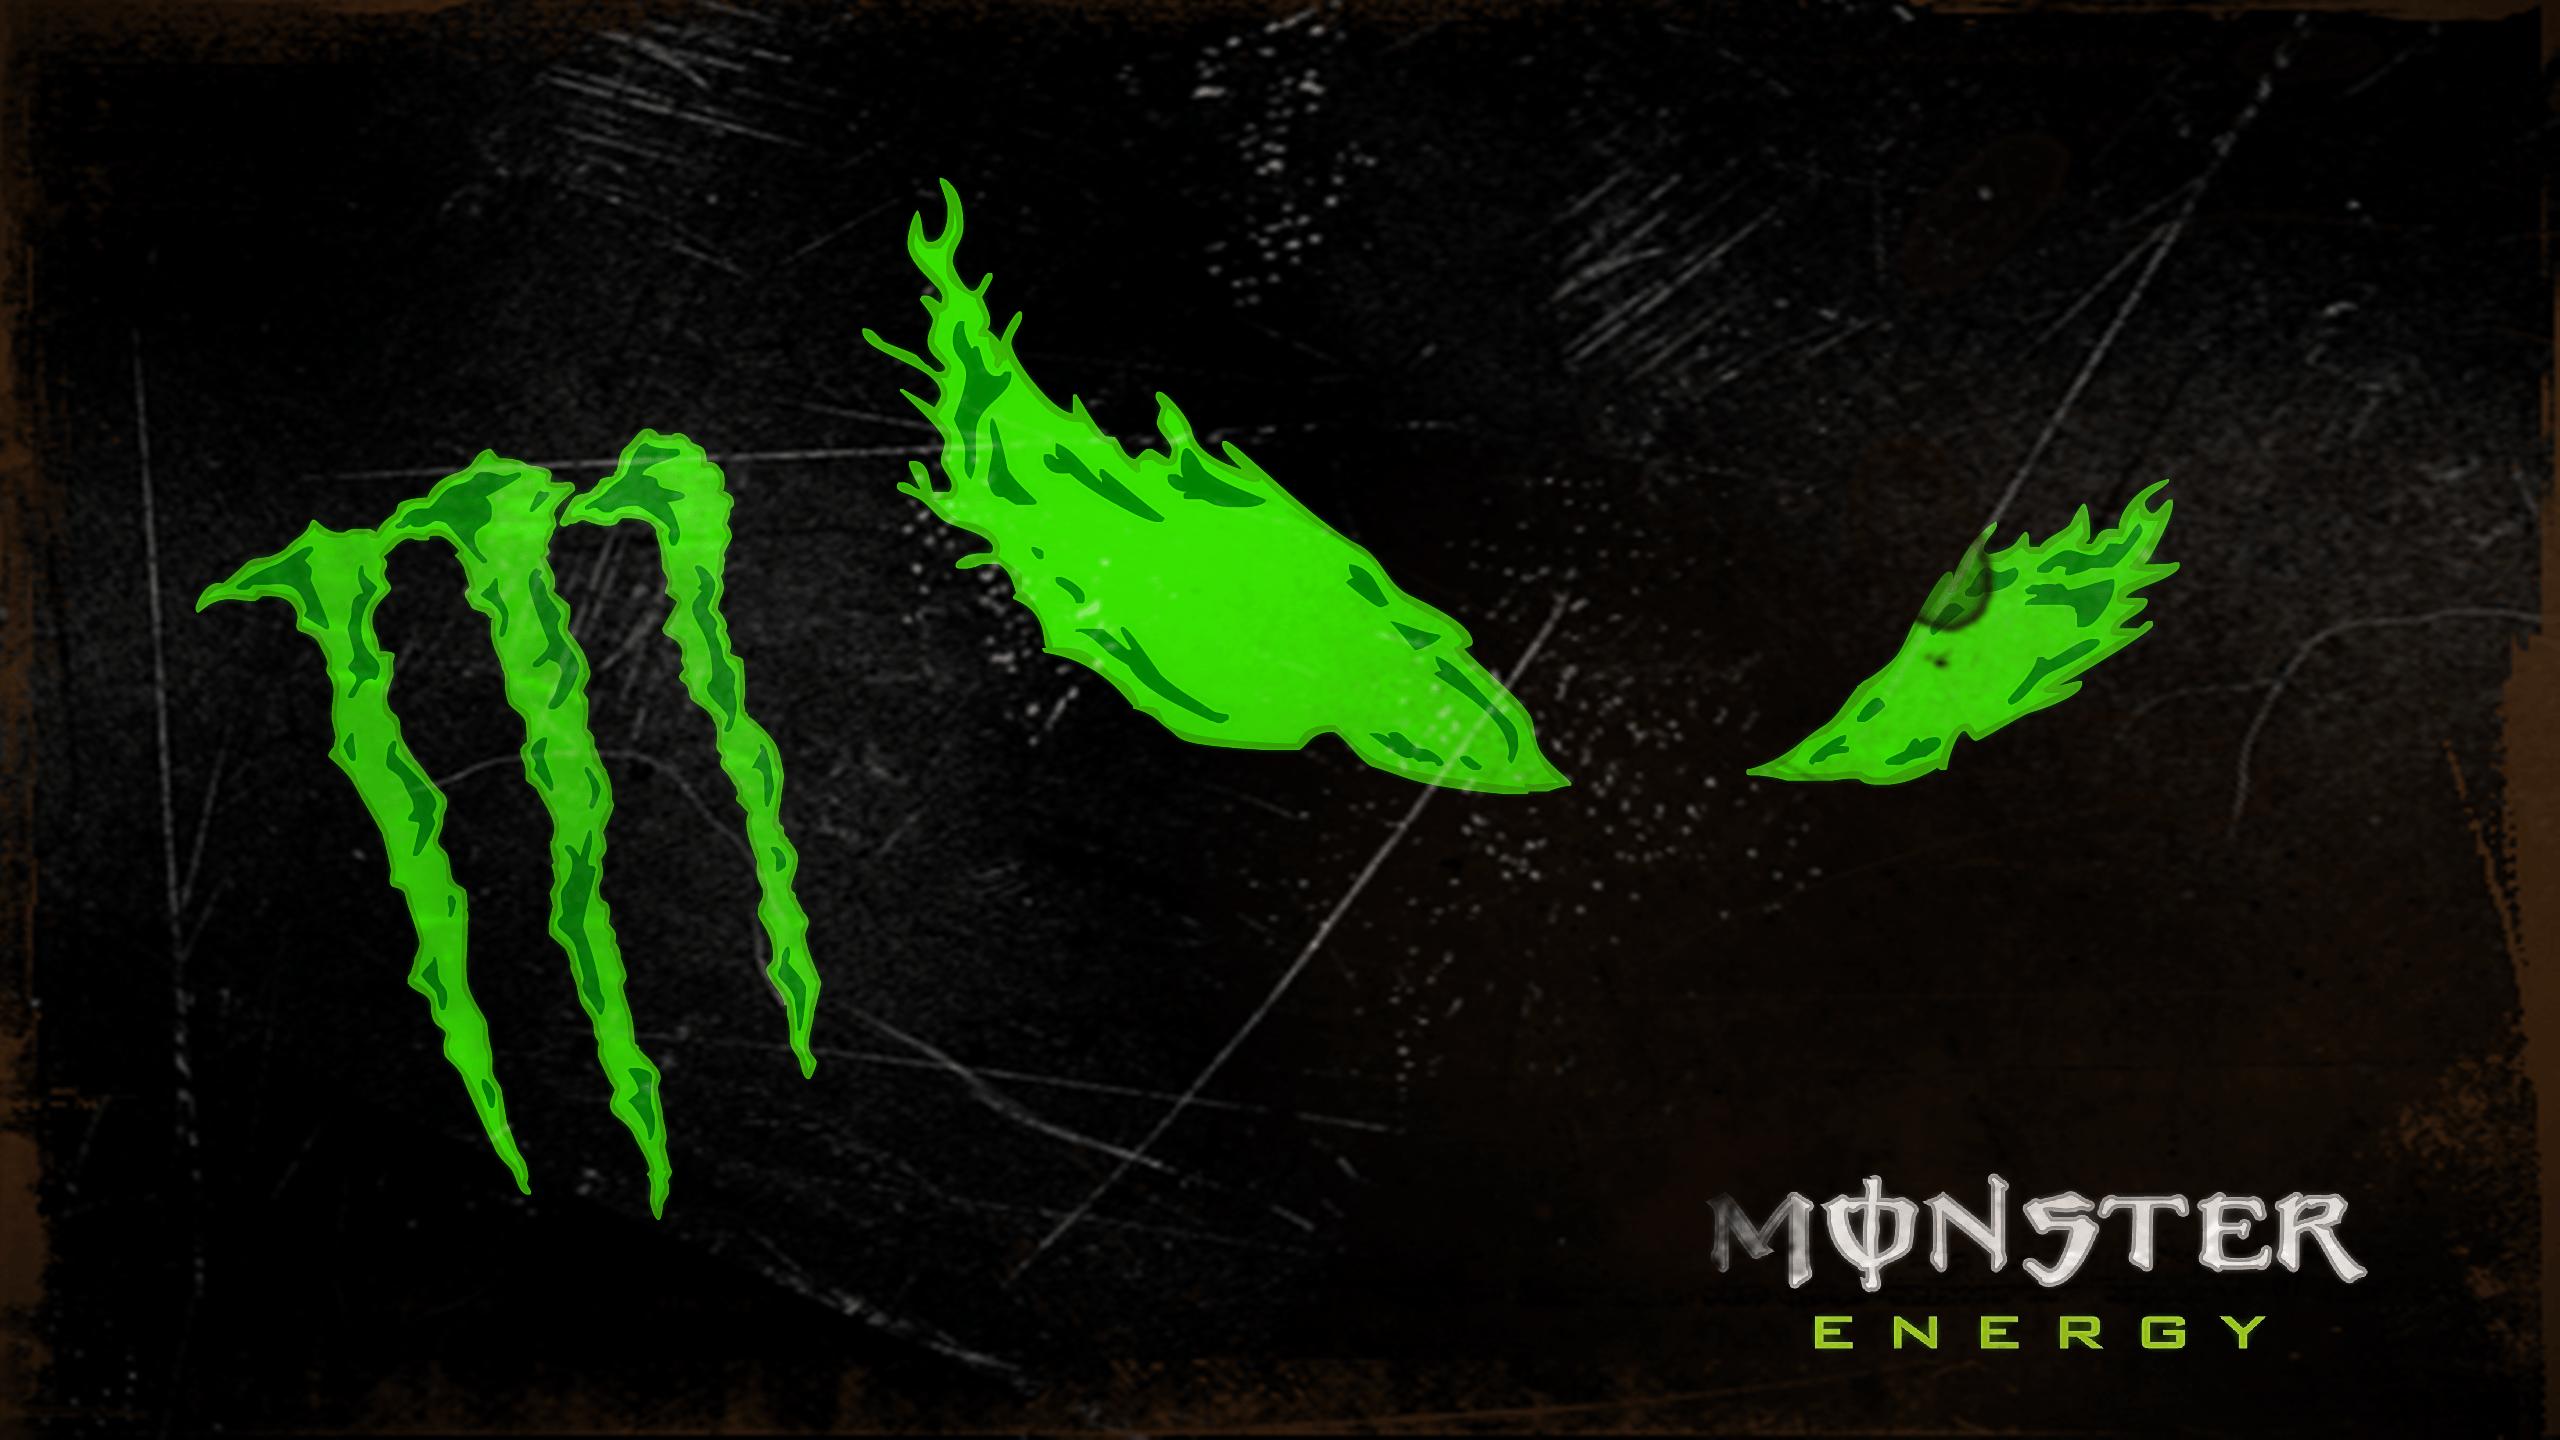 Hd Monster Energy Wallpapers Energy Logo Monster Energy Monster